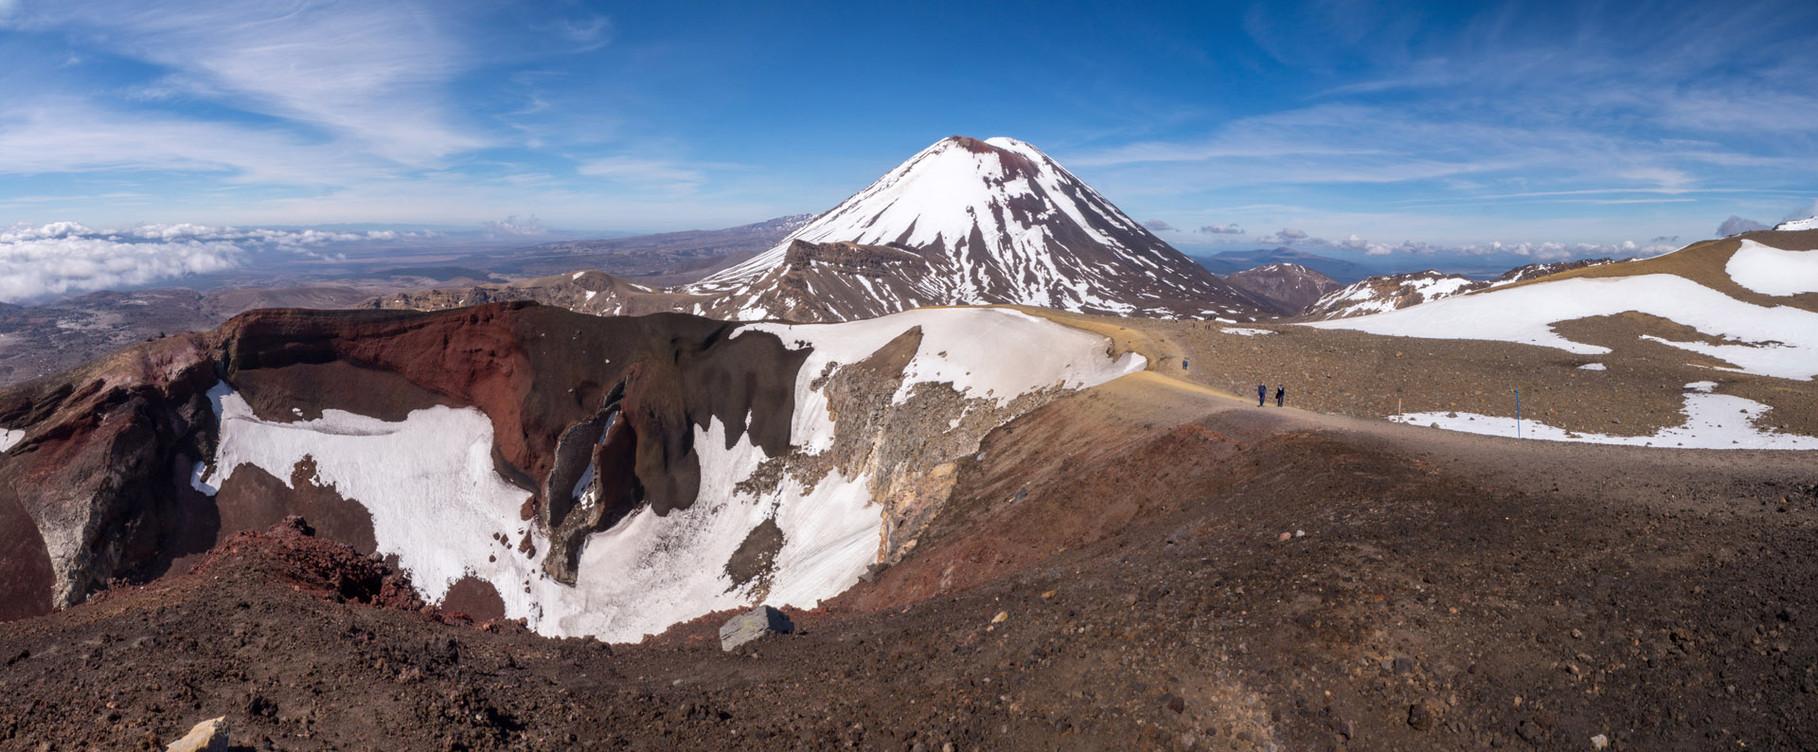 Chile [2014]